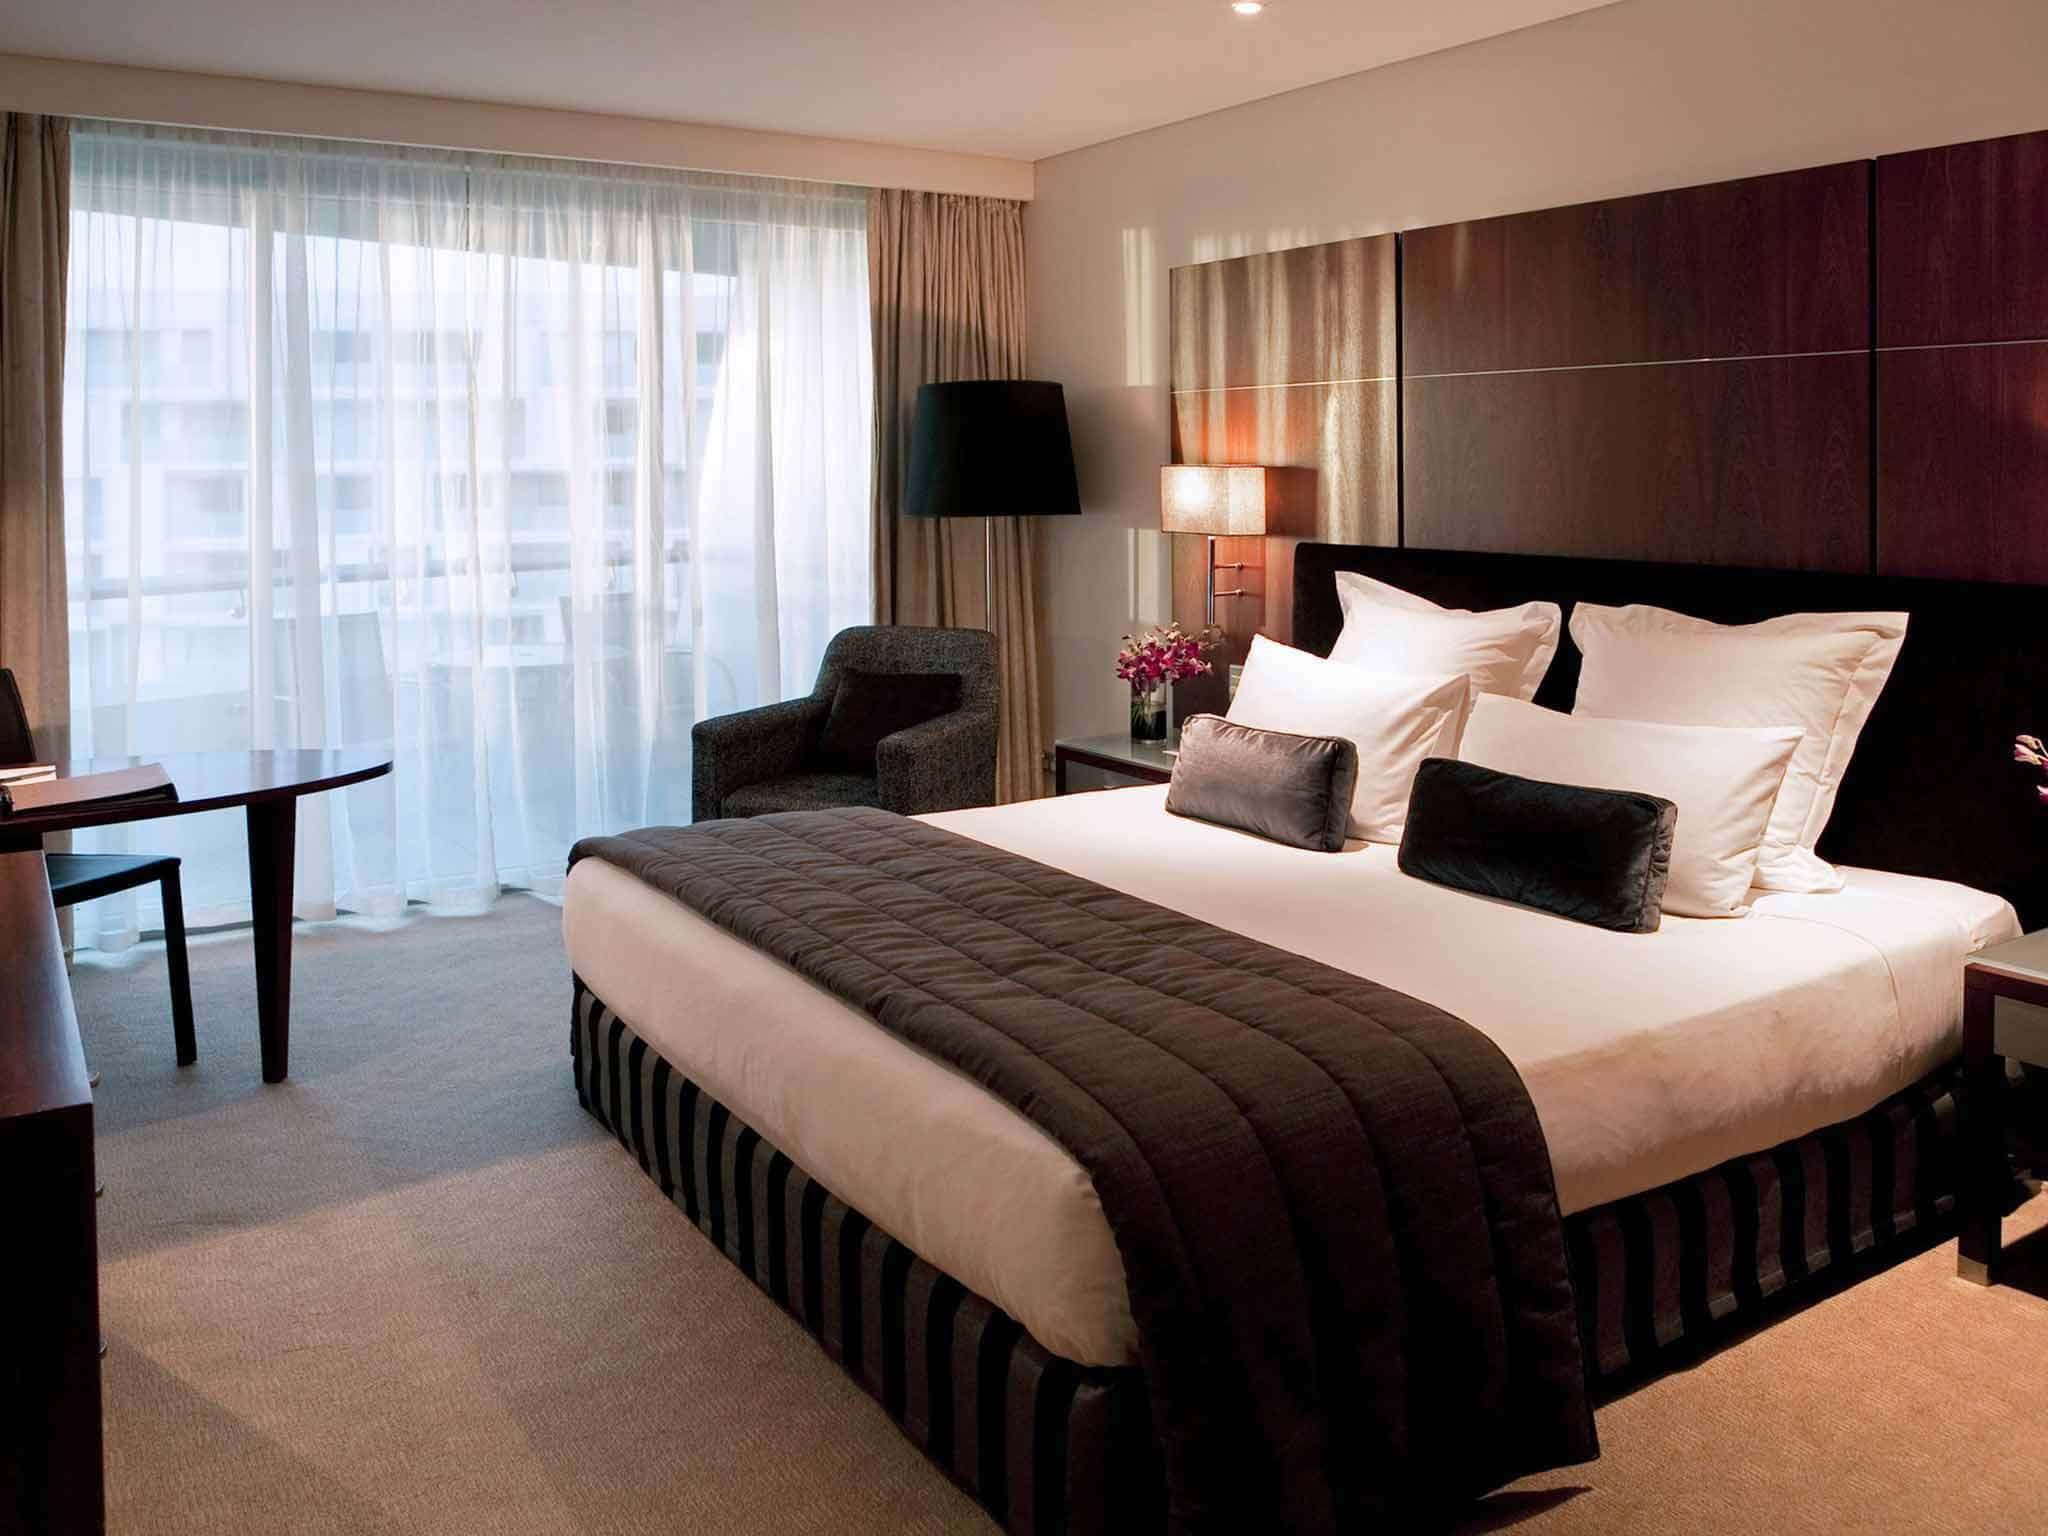 Pullman Hotel bedroom